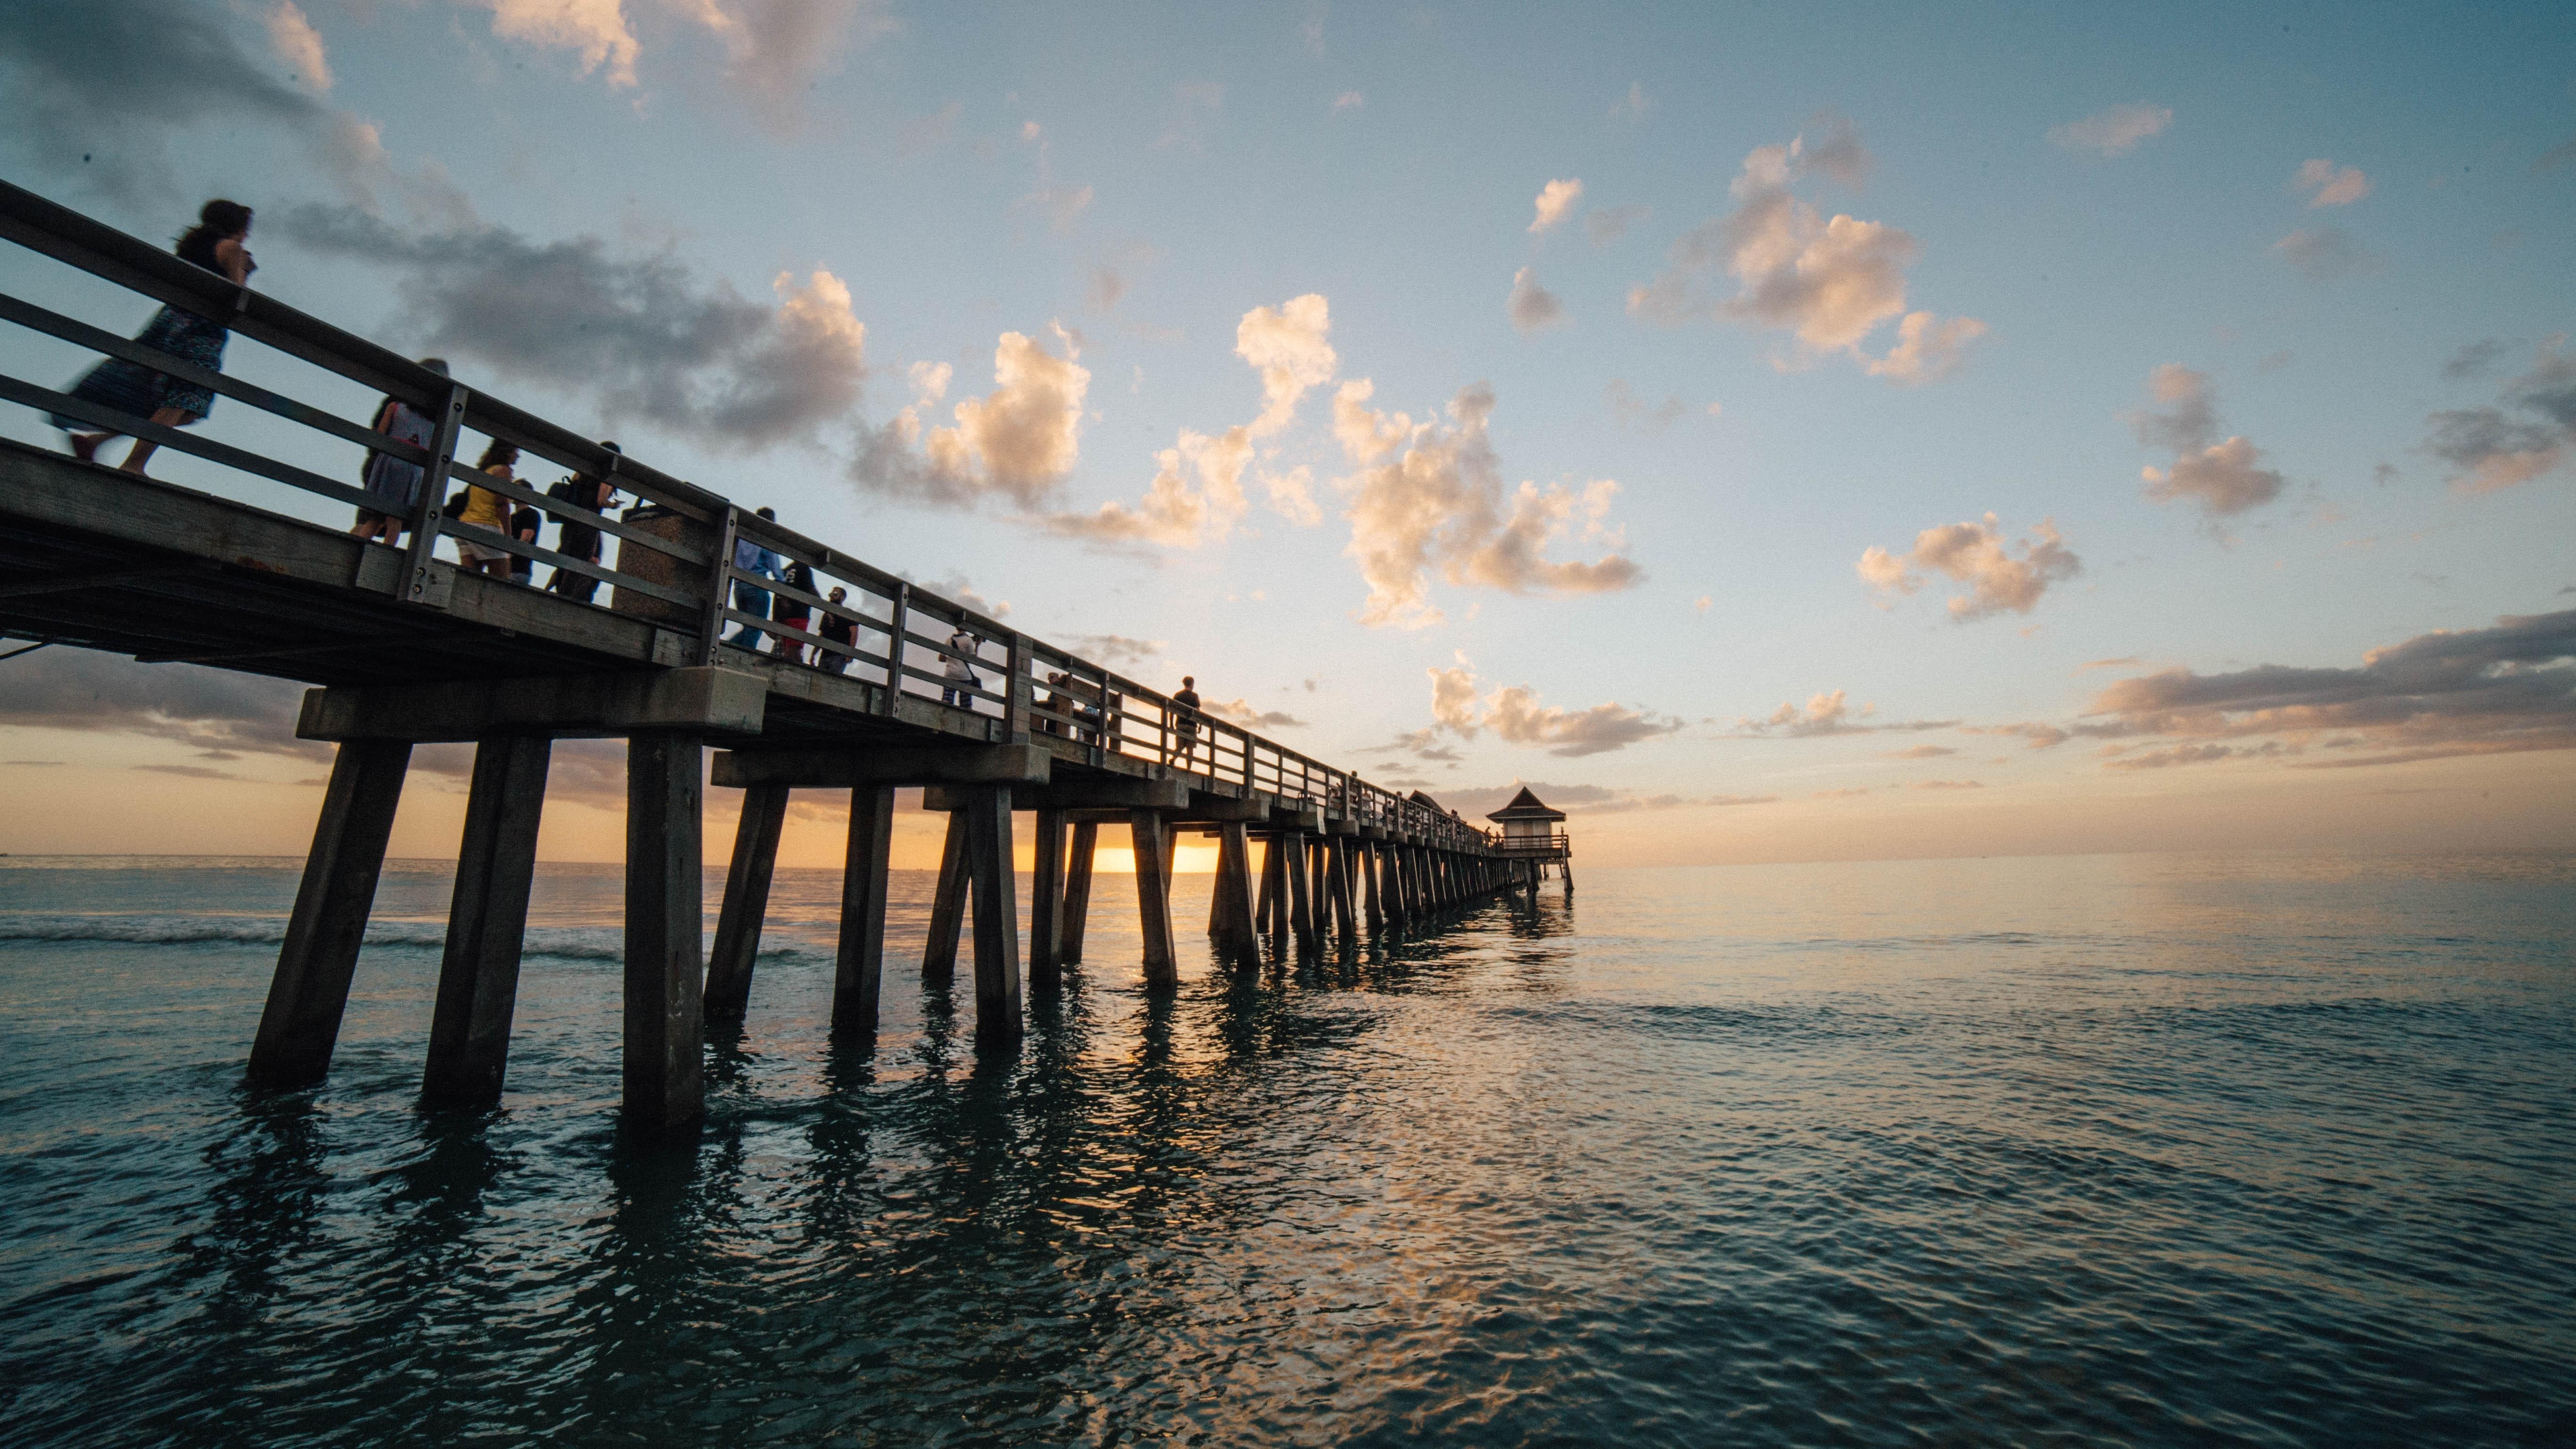 Pier on Sea Against Cloudy Sky, Seashore, Sky, Seascape, Sea, HQ Photo